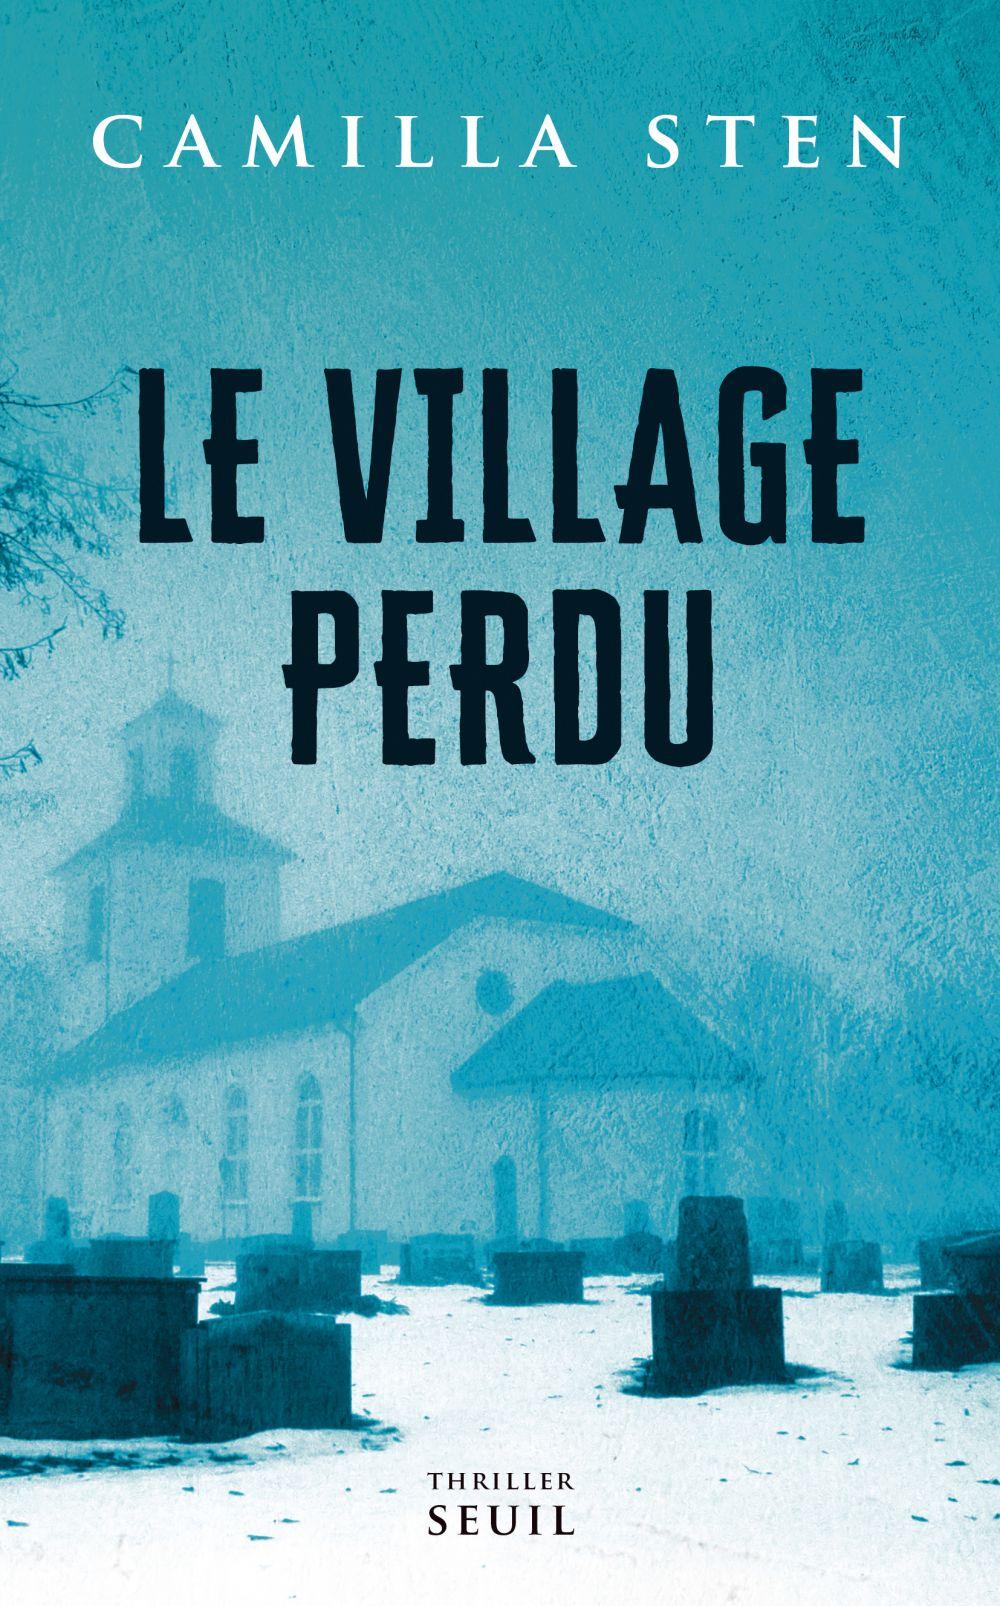 Le Village perdu |